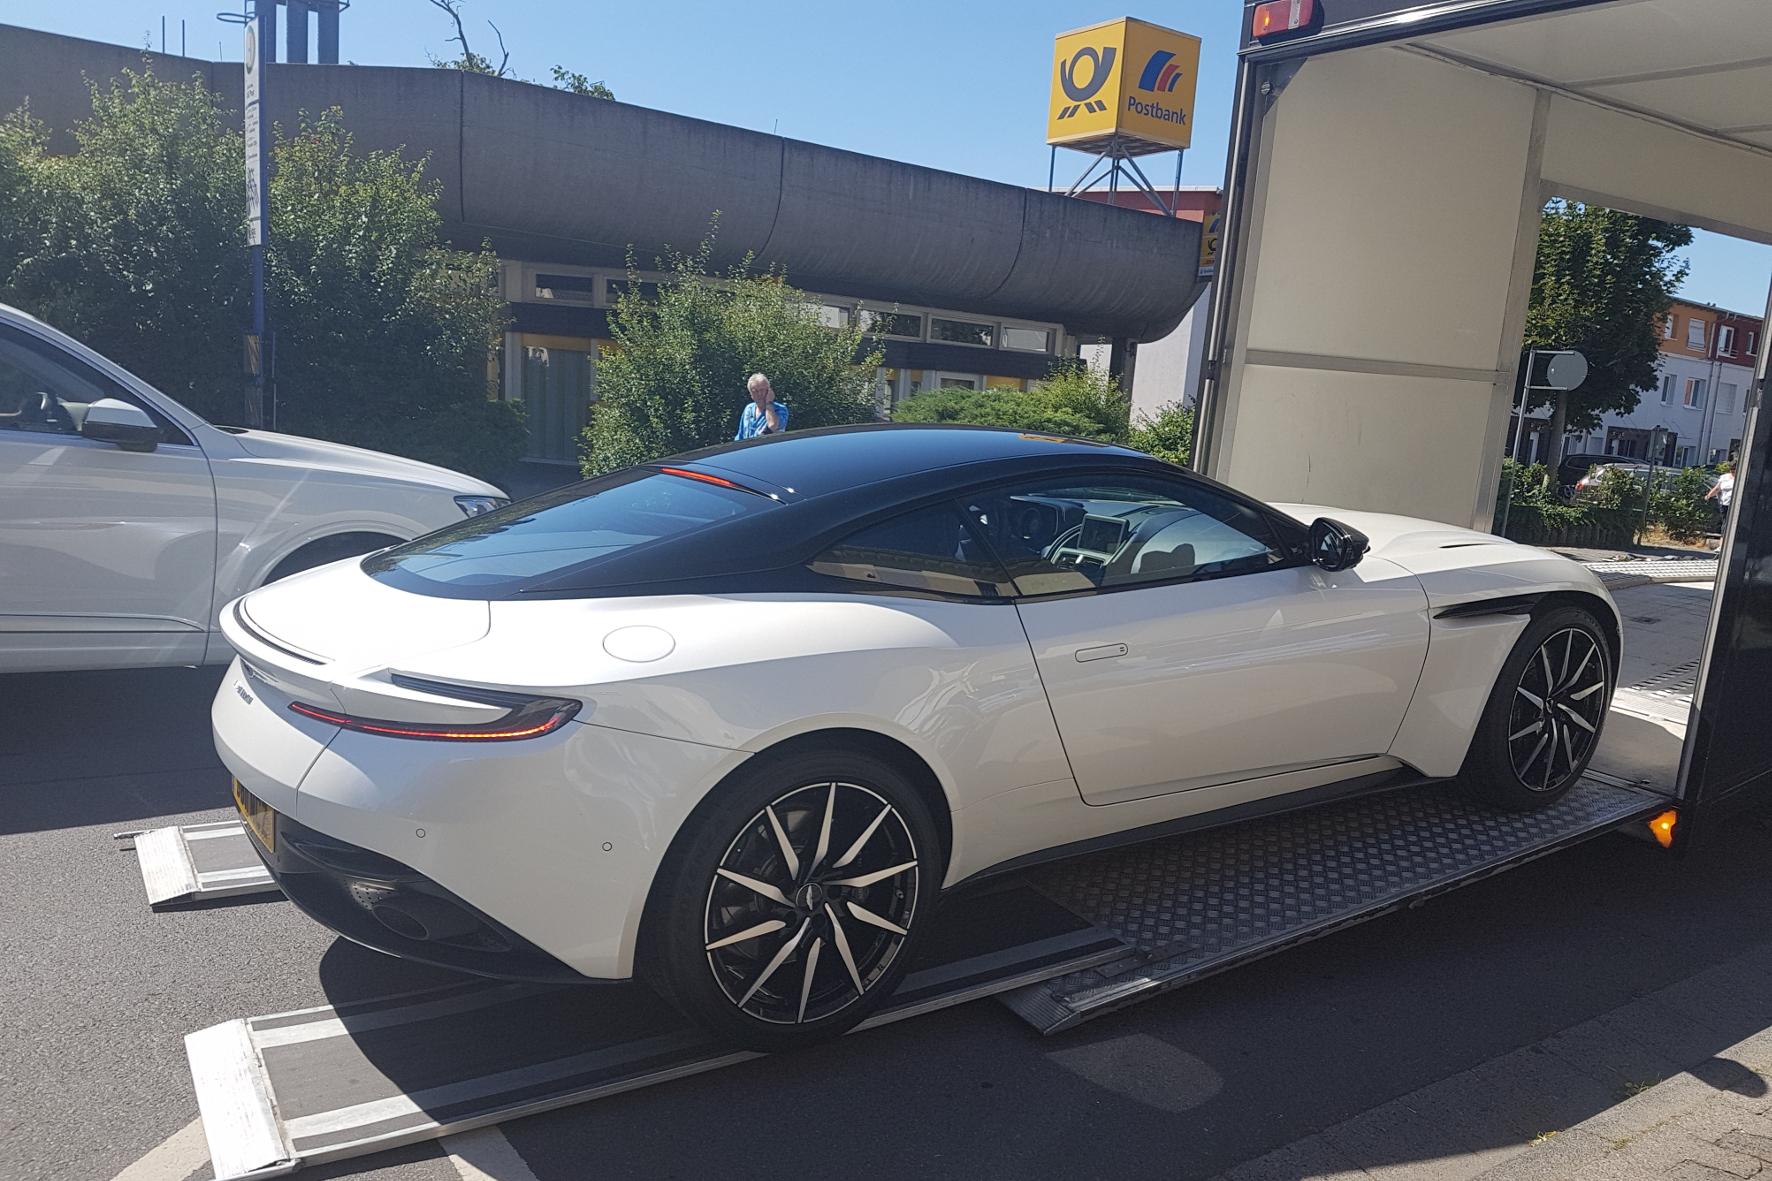 Kostbare Fracht: Ein Aston Martin wird ganz standesgemäß im Lkw geliefert.